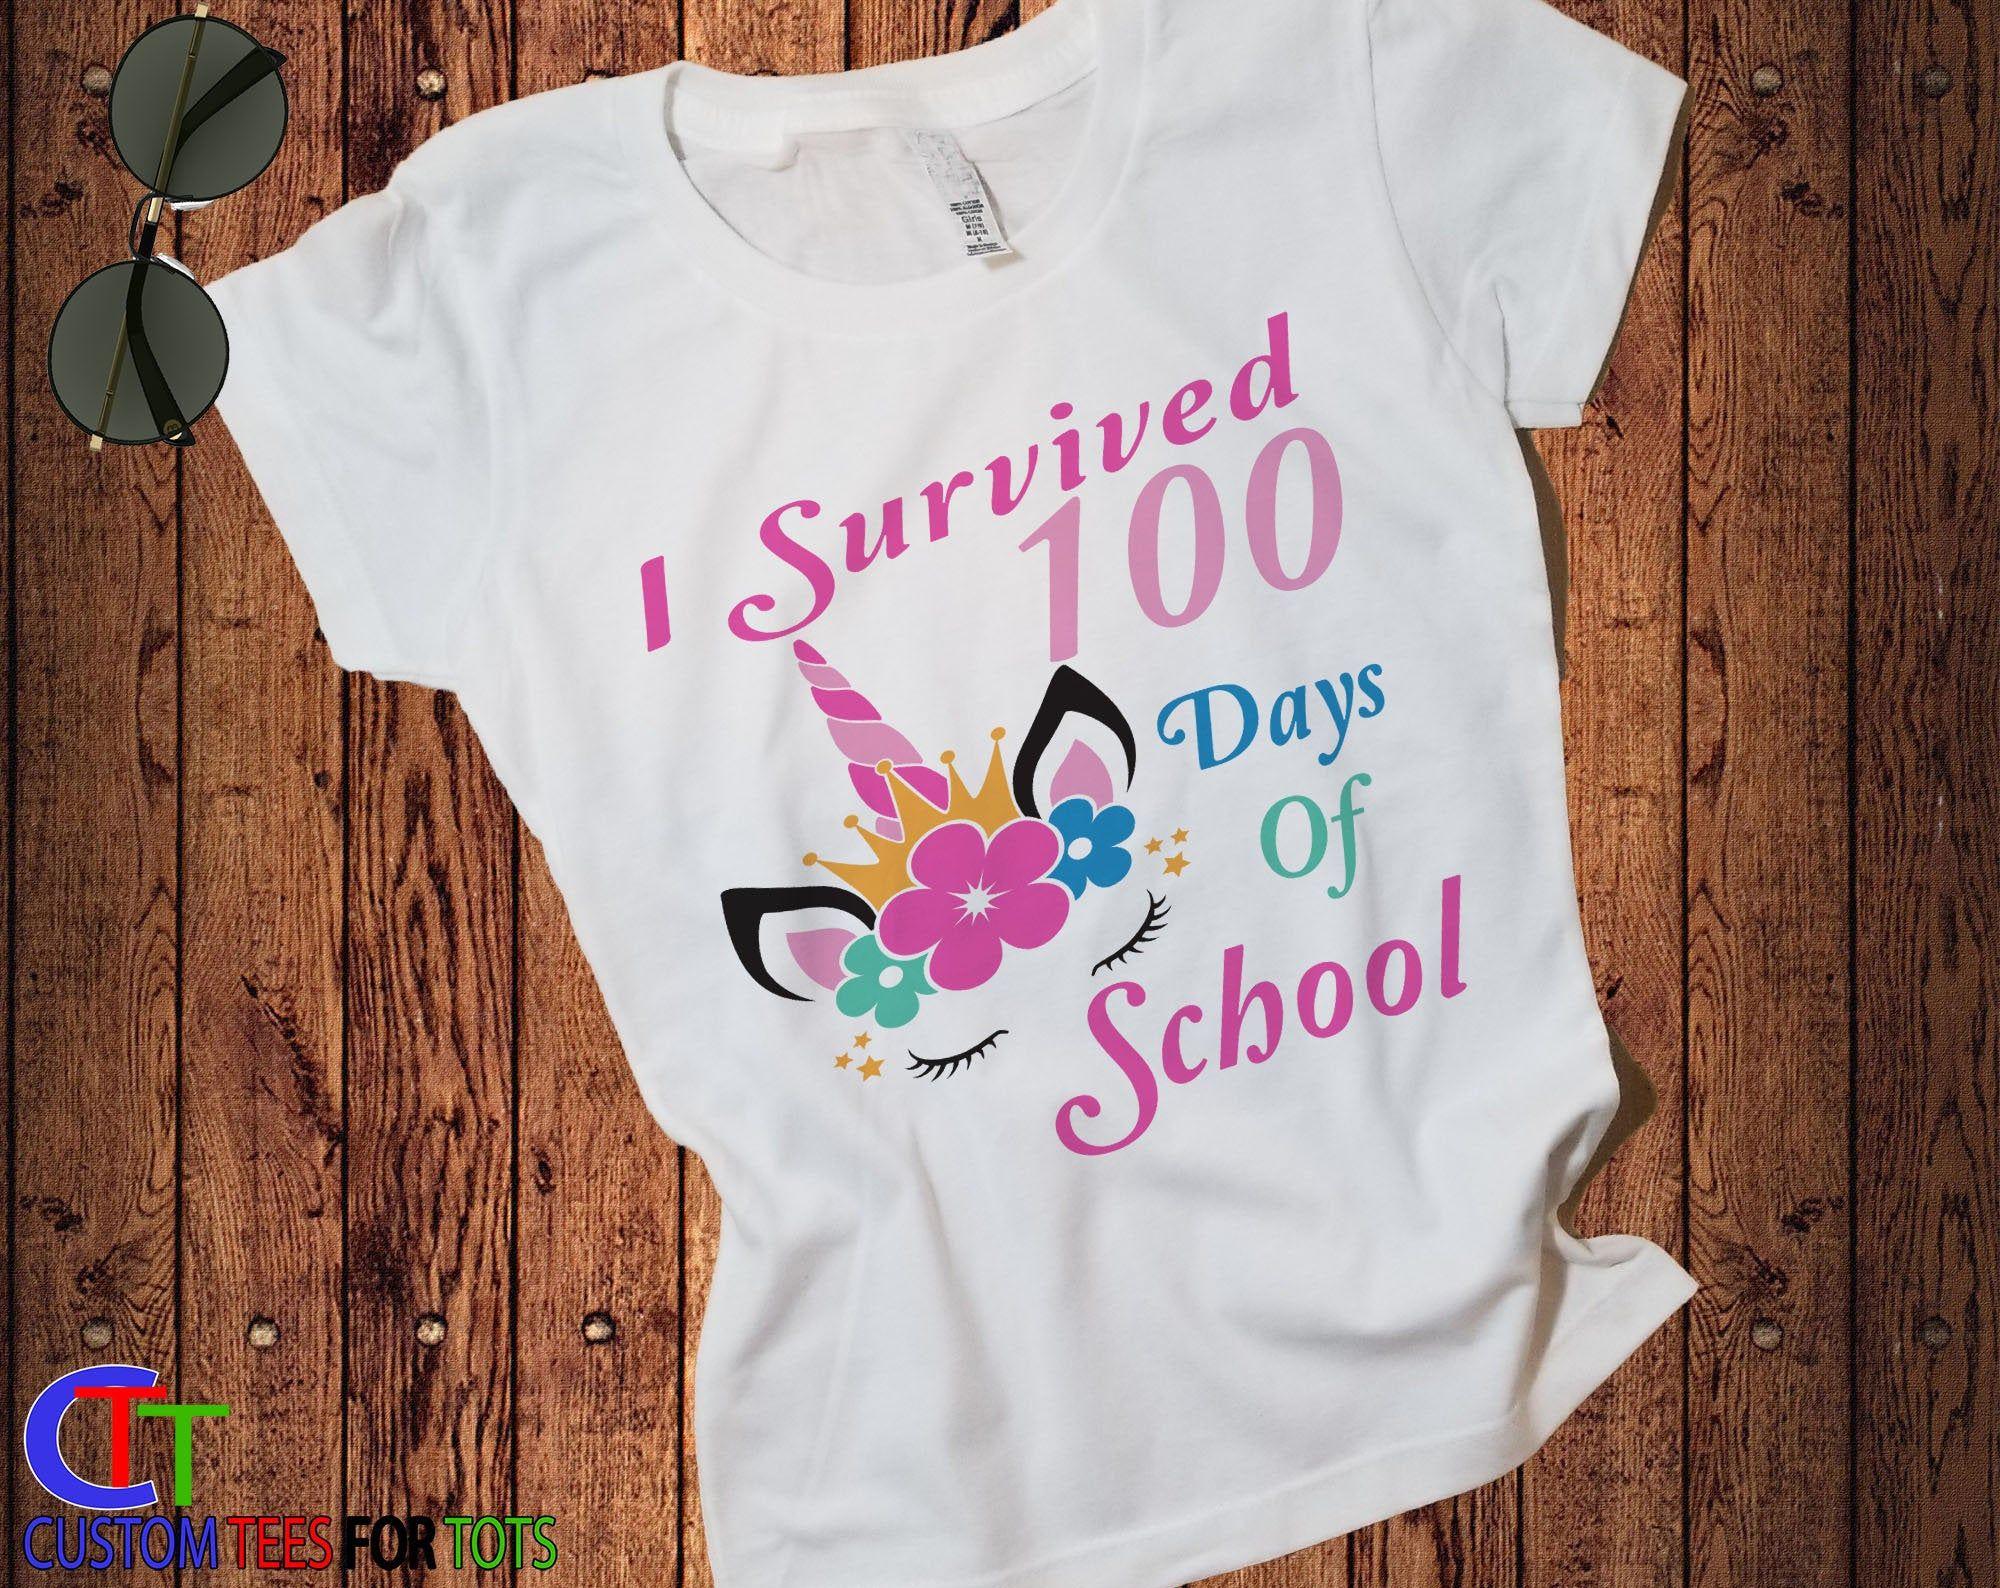 Unicorn 100 Days of School Shirt for Girls - Kids Unicorn TShirt - Unicorn 100 days of School graphic Tee - Unicorn Graphic Shirt